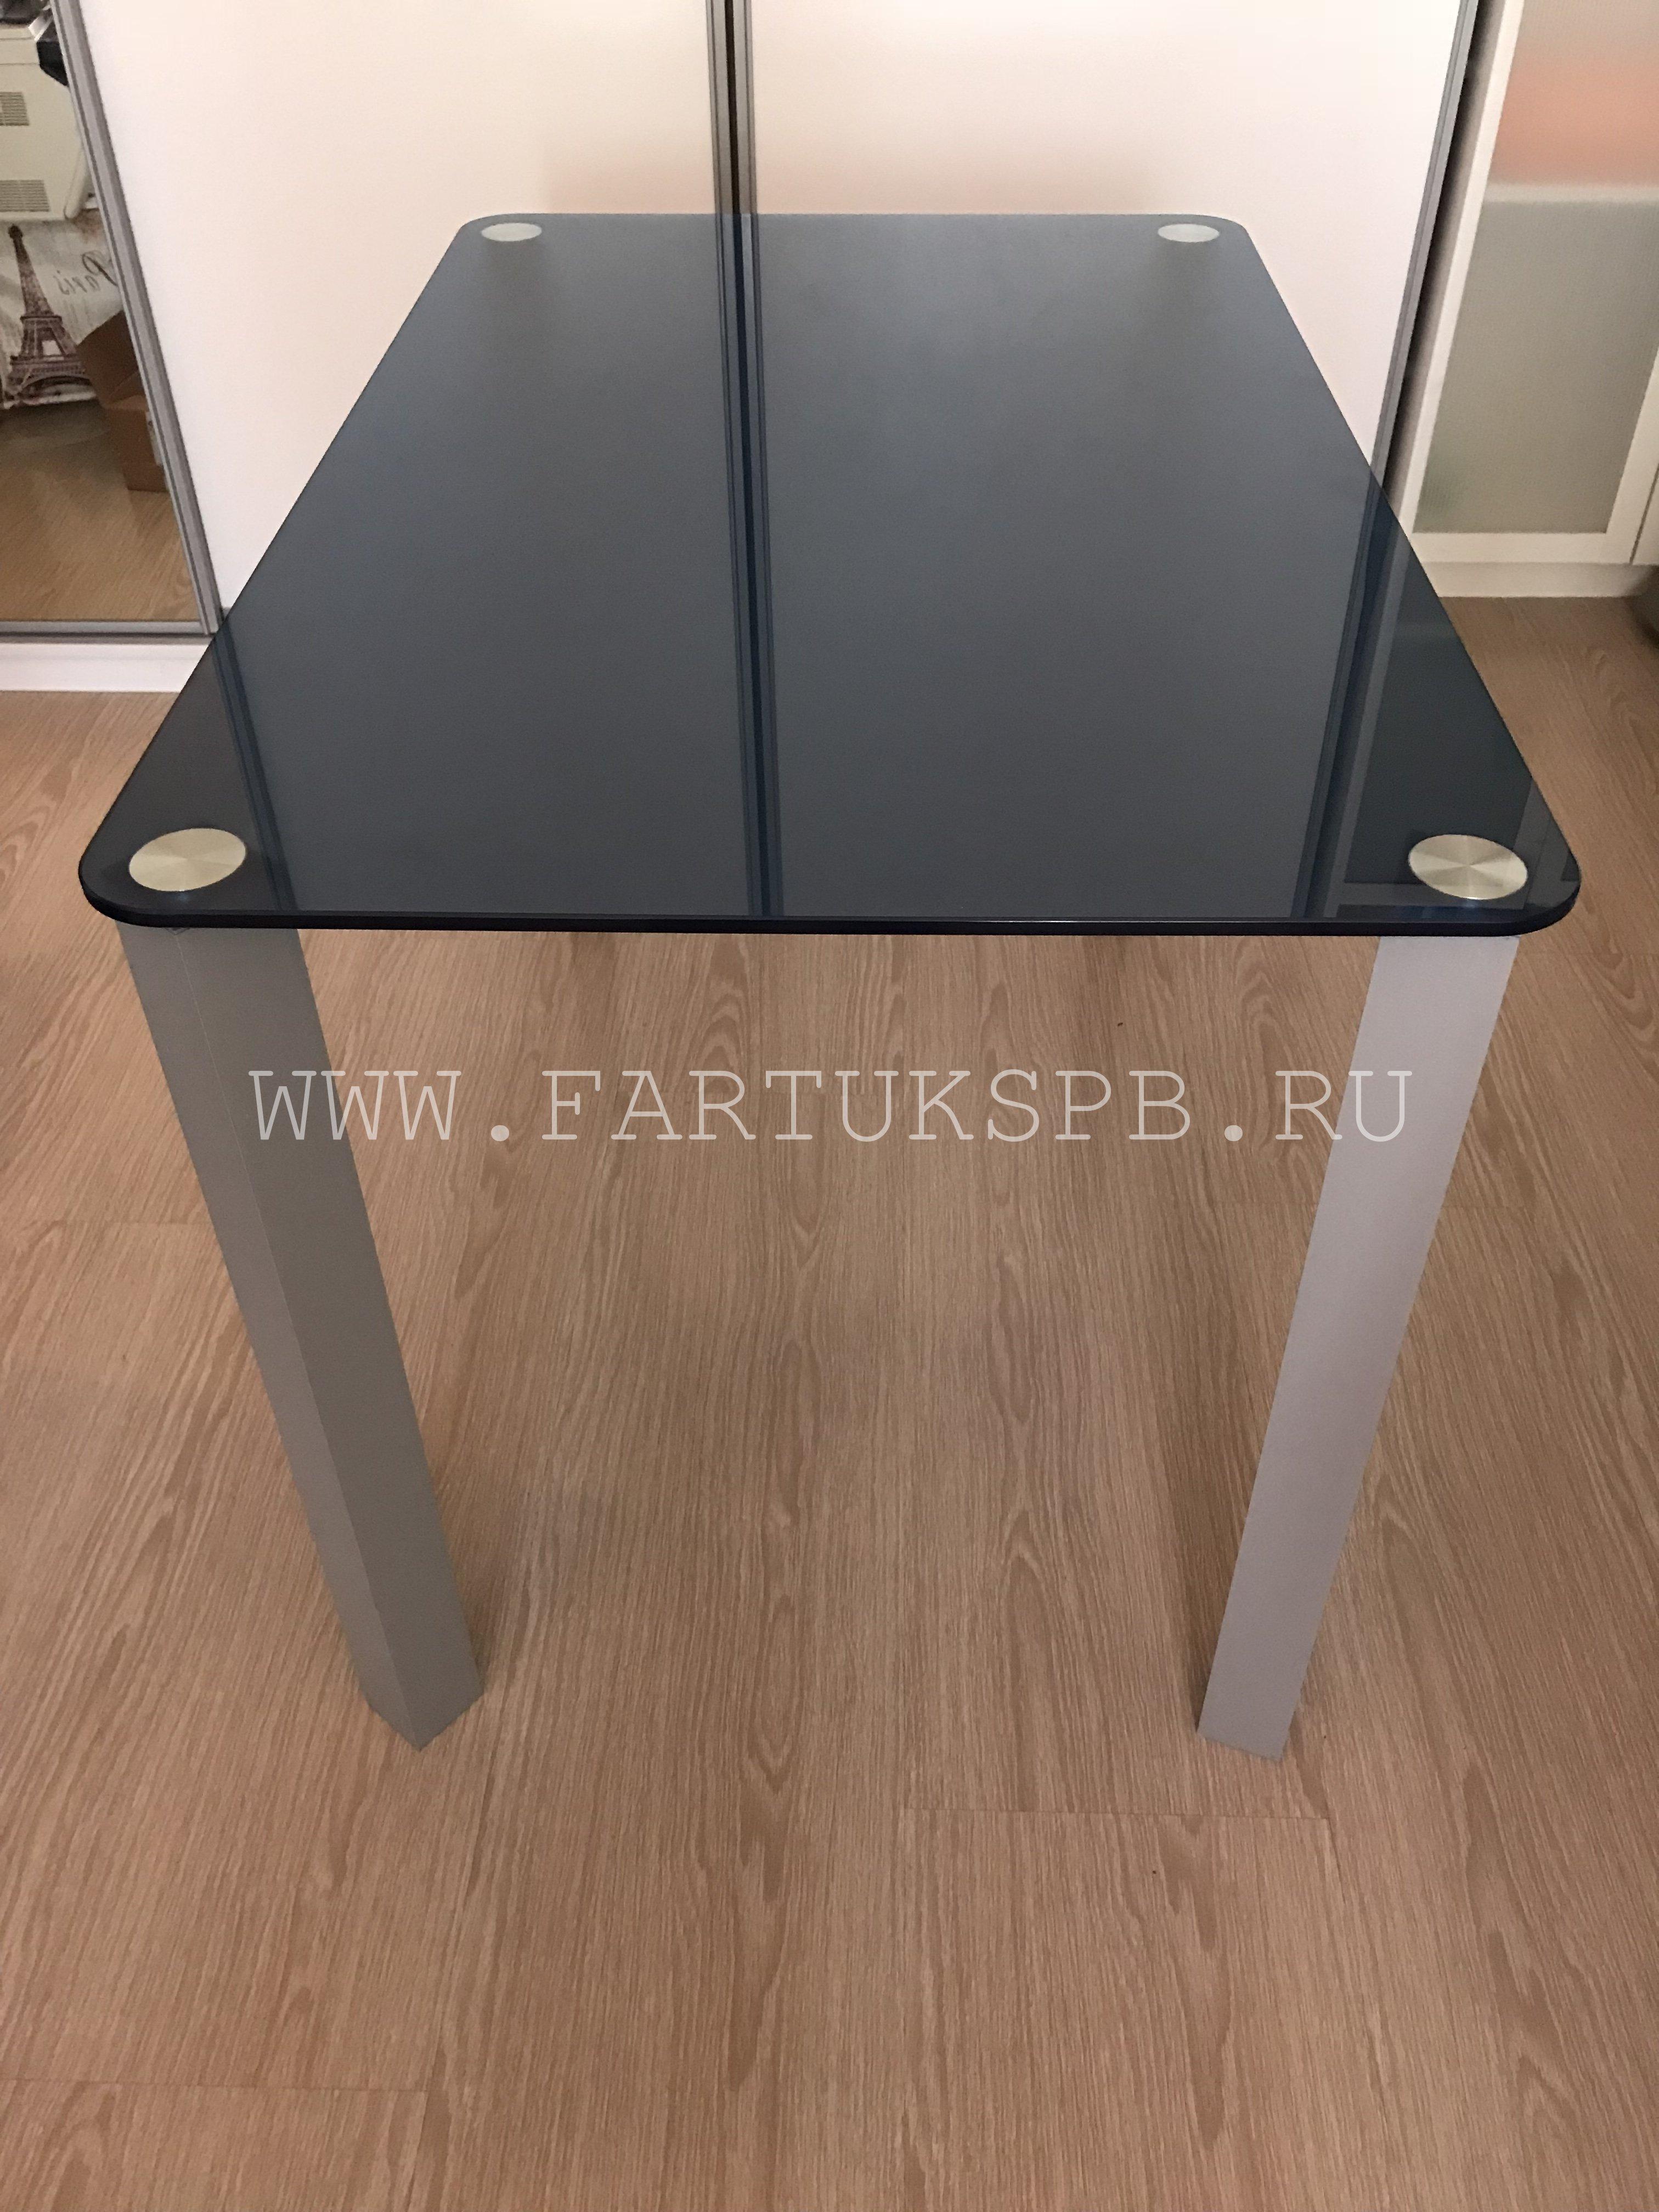 stol-na-kvadratnih-nojkah